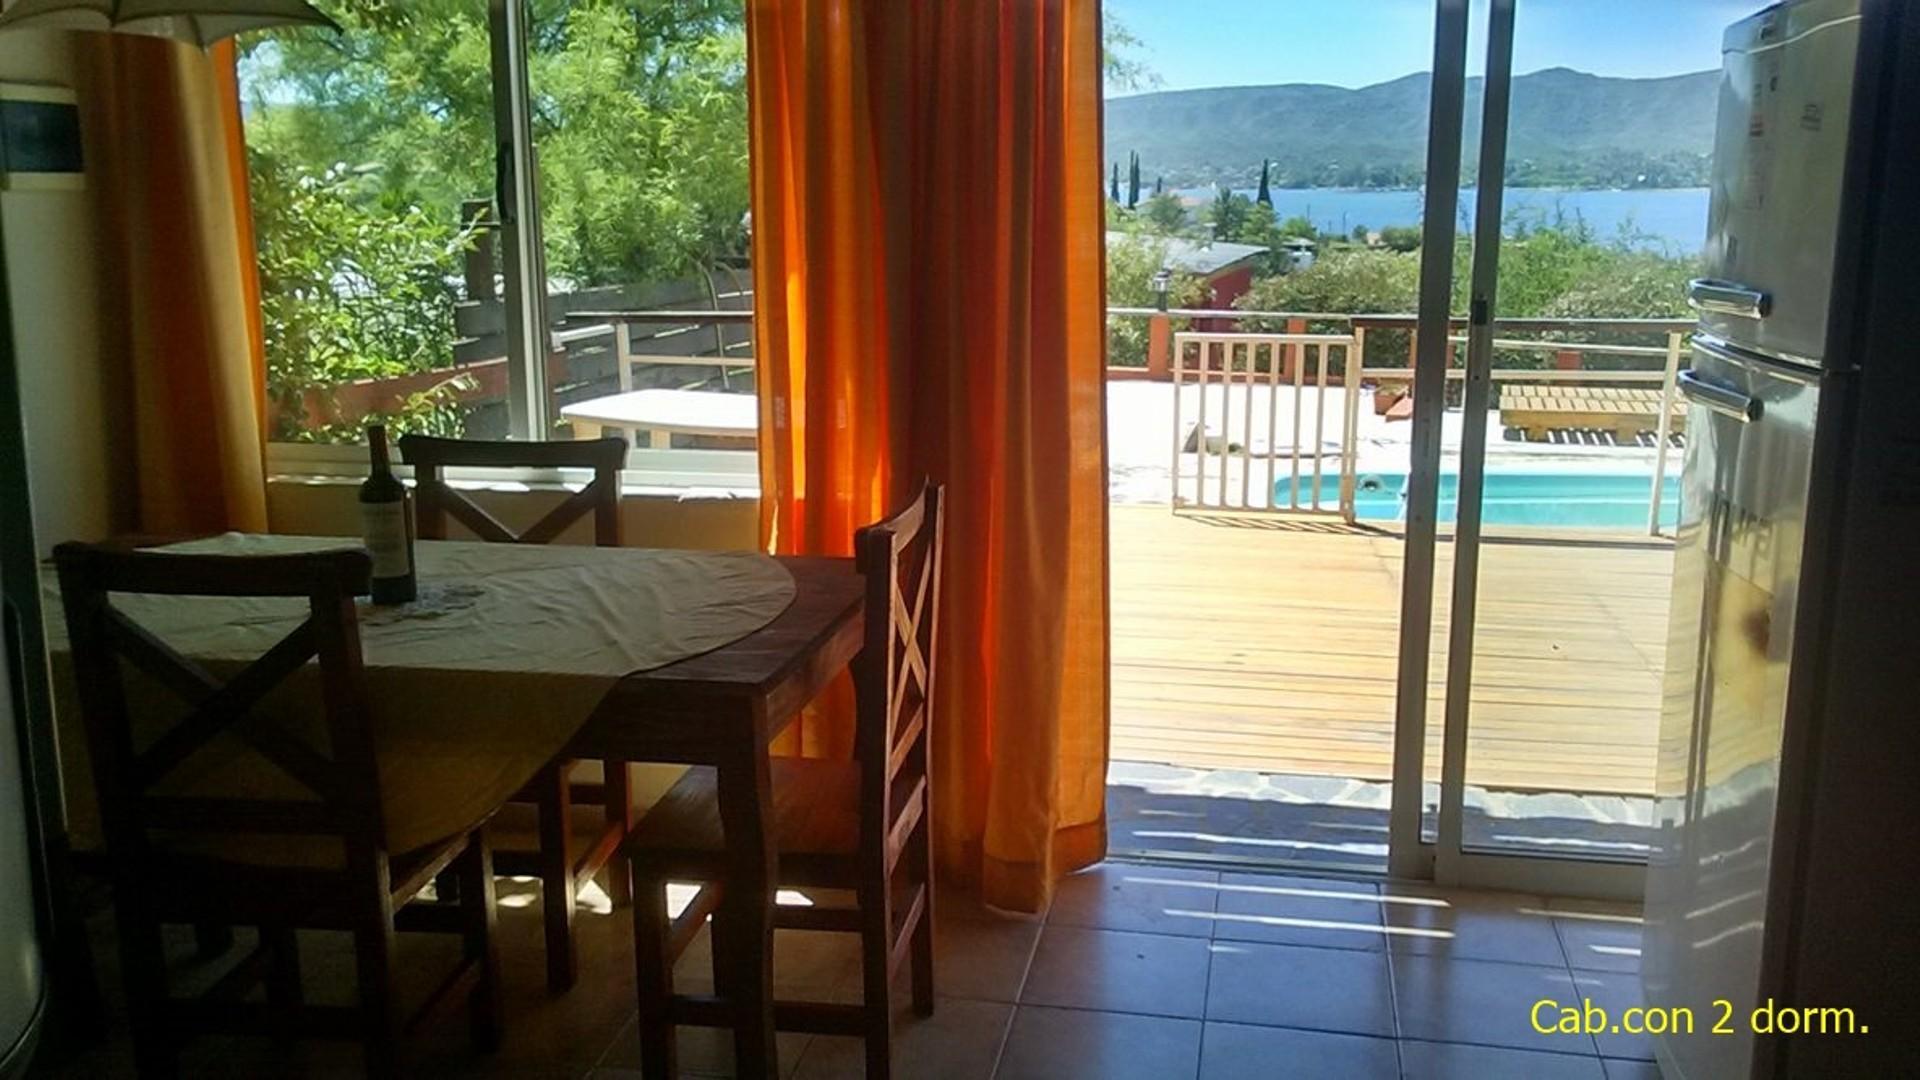 Villa Carlos Paz - Oportunidad - 3 cabañas con 2 dorm. con vista al lago.